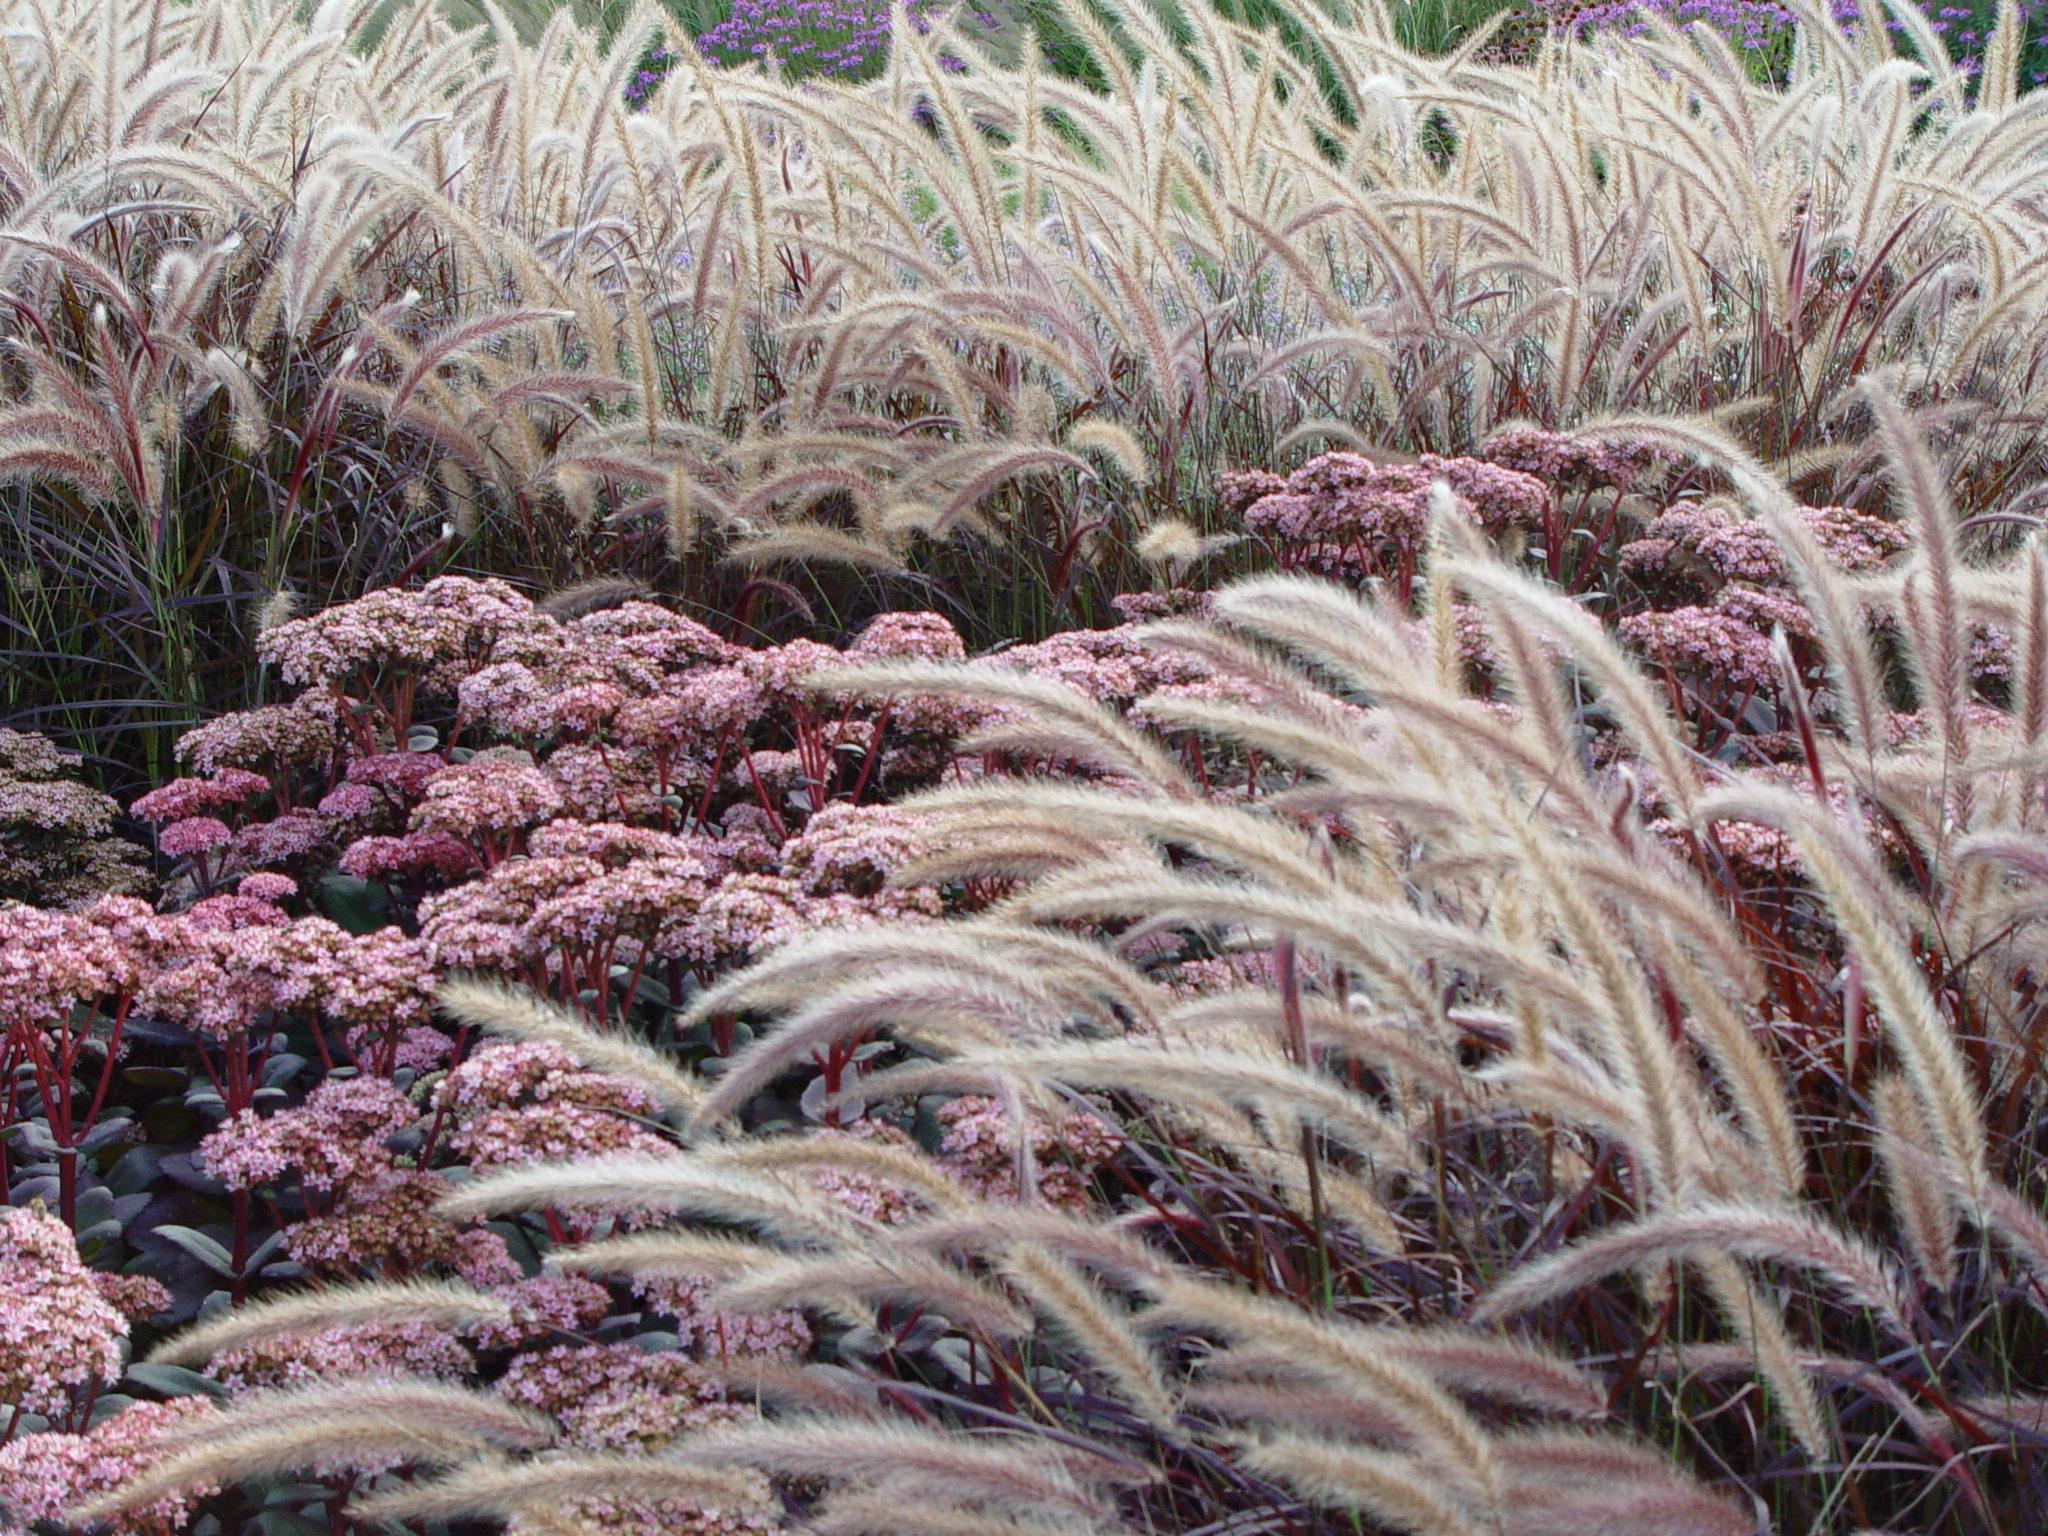 14.000 Arten Von Gräsern Mit Ganz Unterschiedlichen Wuchsformen, Farben Und  Standortansprüchen.